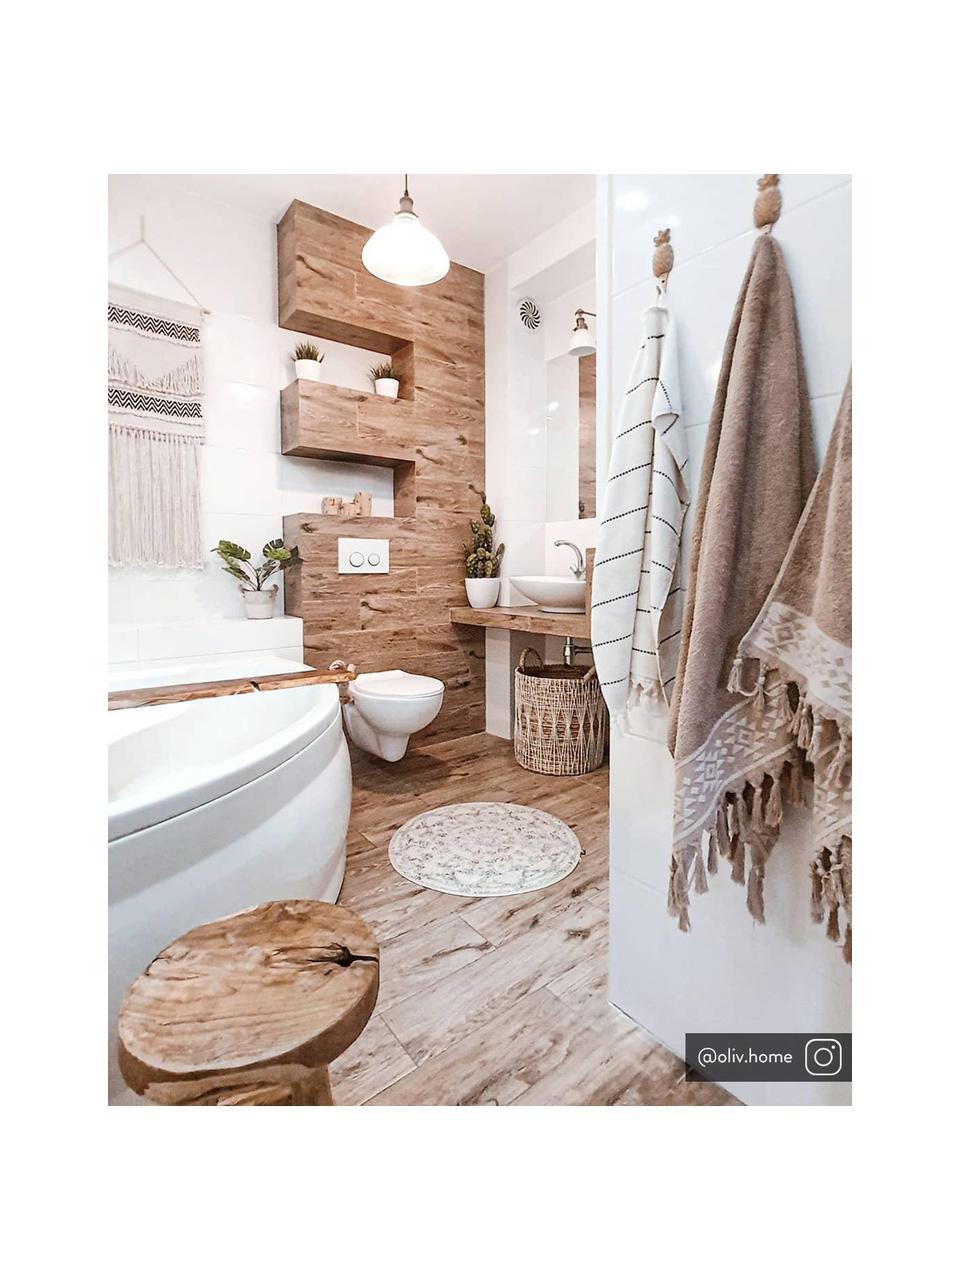 Ronde badmat Gaile in boho stijl, antislip, Bovenzijde: 100% katoen, Onderzijde: silicone, Bovenzijde: crèmekleurig, grijs gevlekt. Onderzijde: crèmekleurig, Ø 80 cm